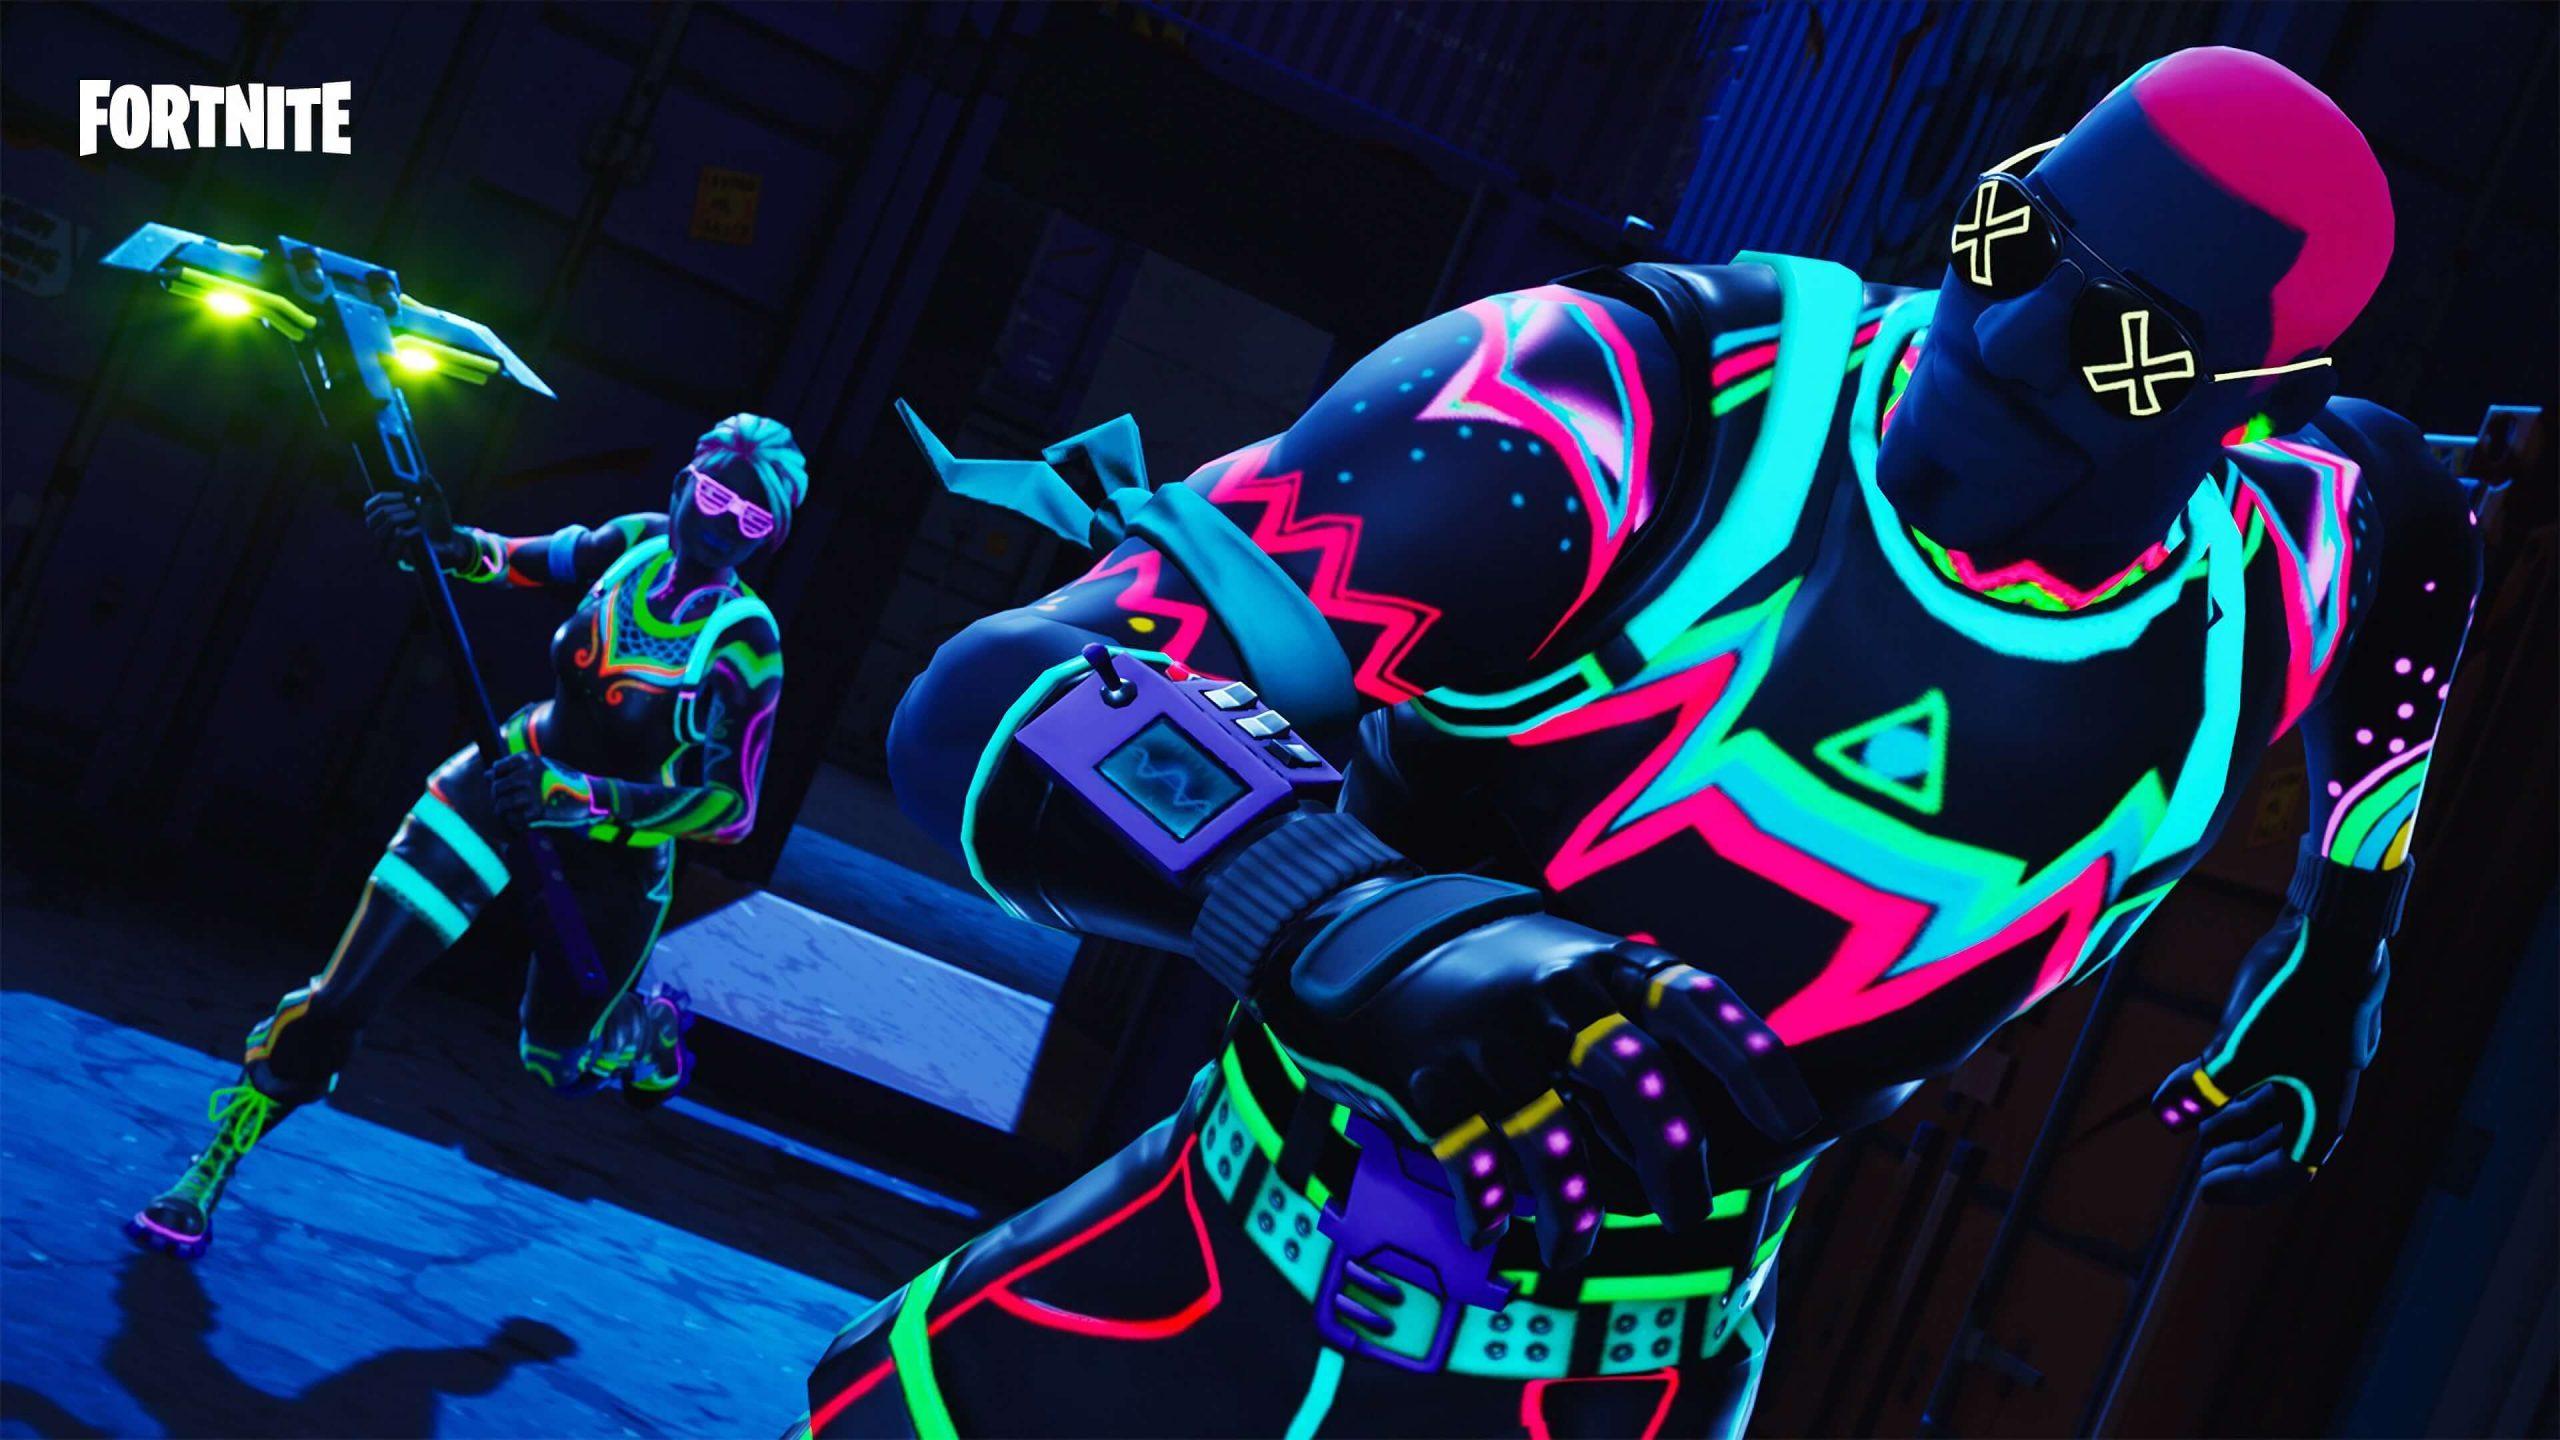 2560x1440 Fortnite Pictures V Bucks Glitch Season 7 Xbox One